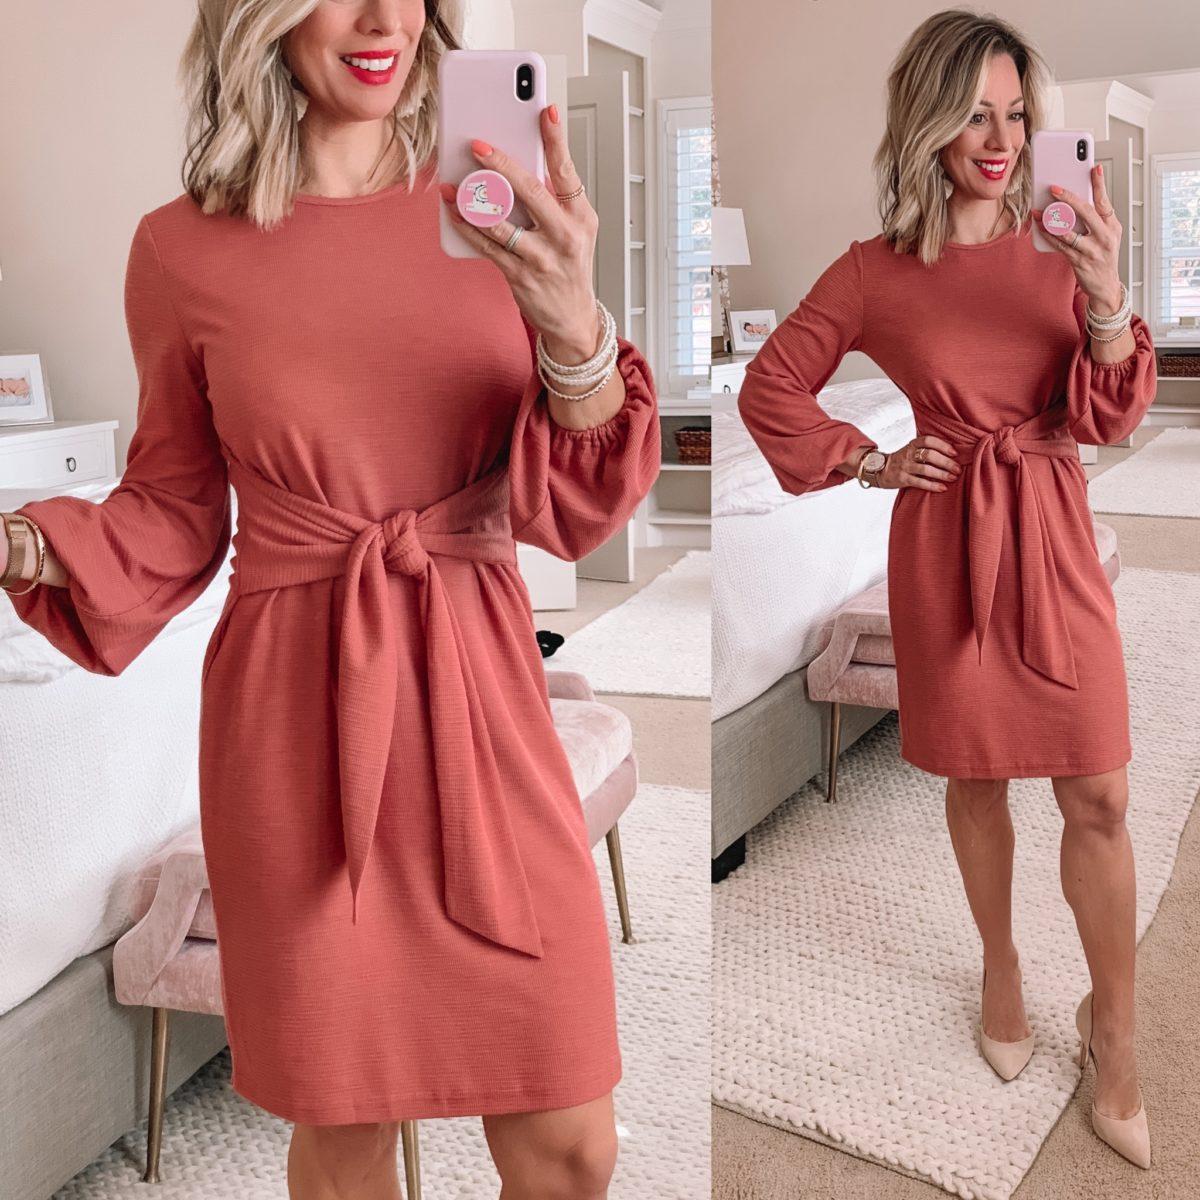 Pink Tie Front Sweater Dress, Nude Heels